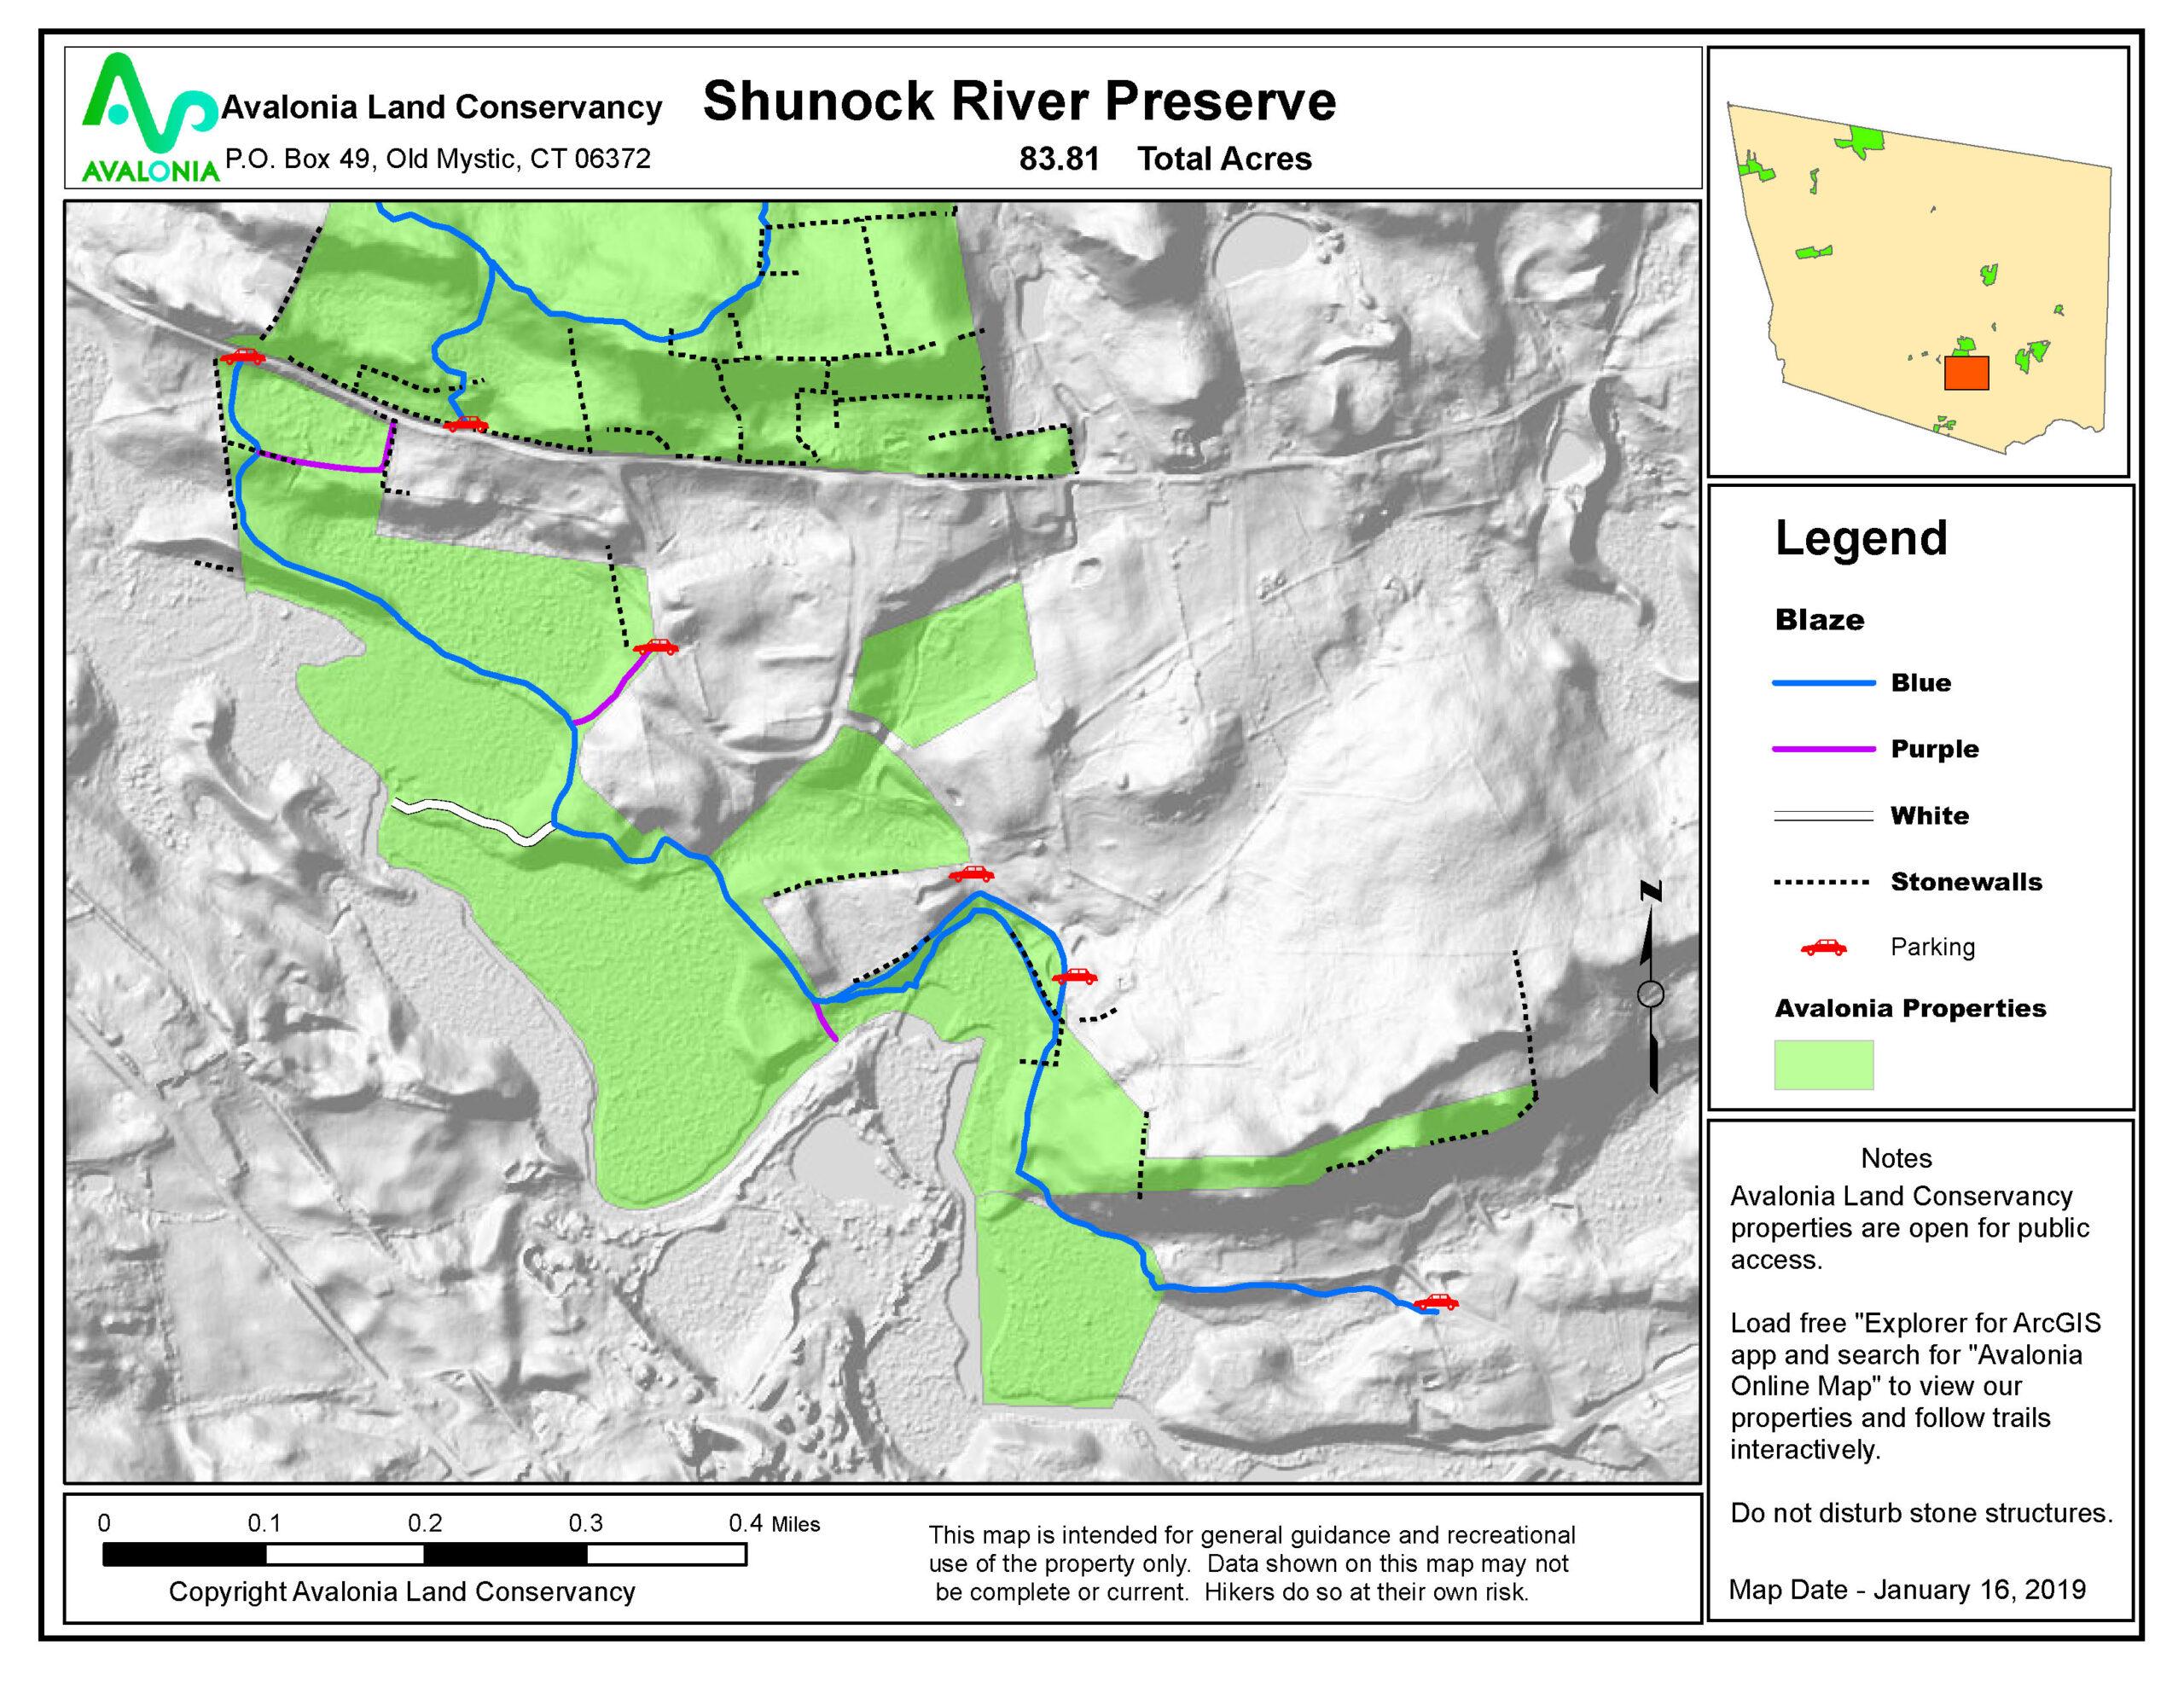 Shunock River Preserve